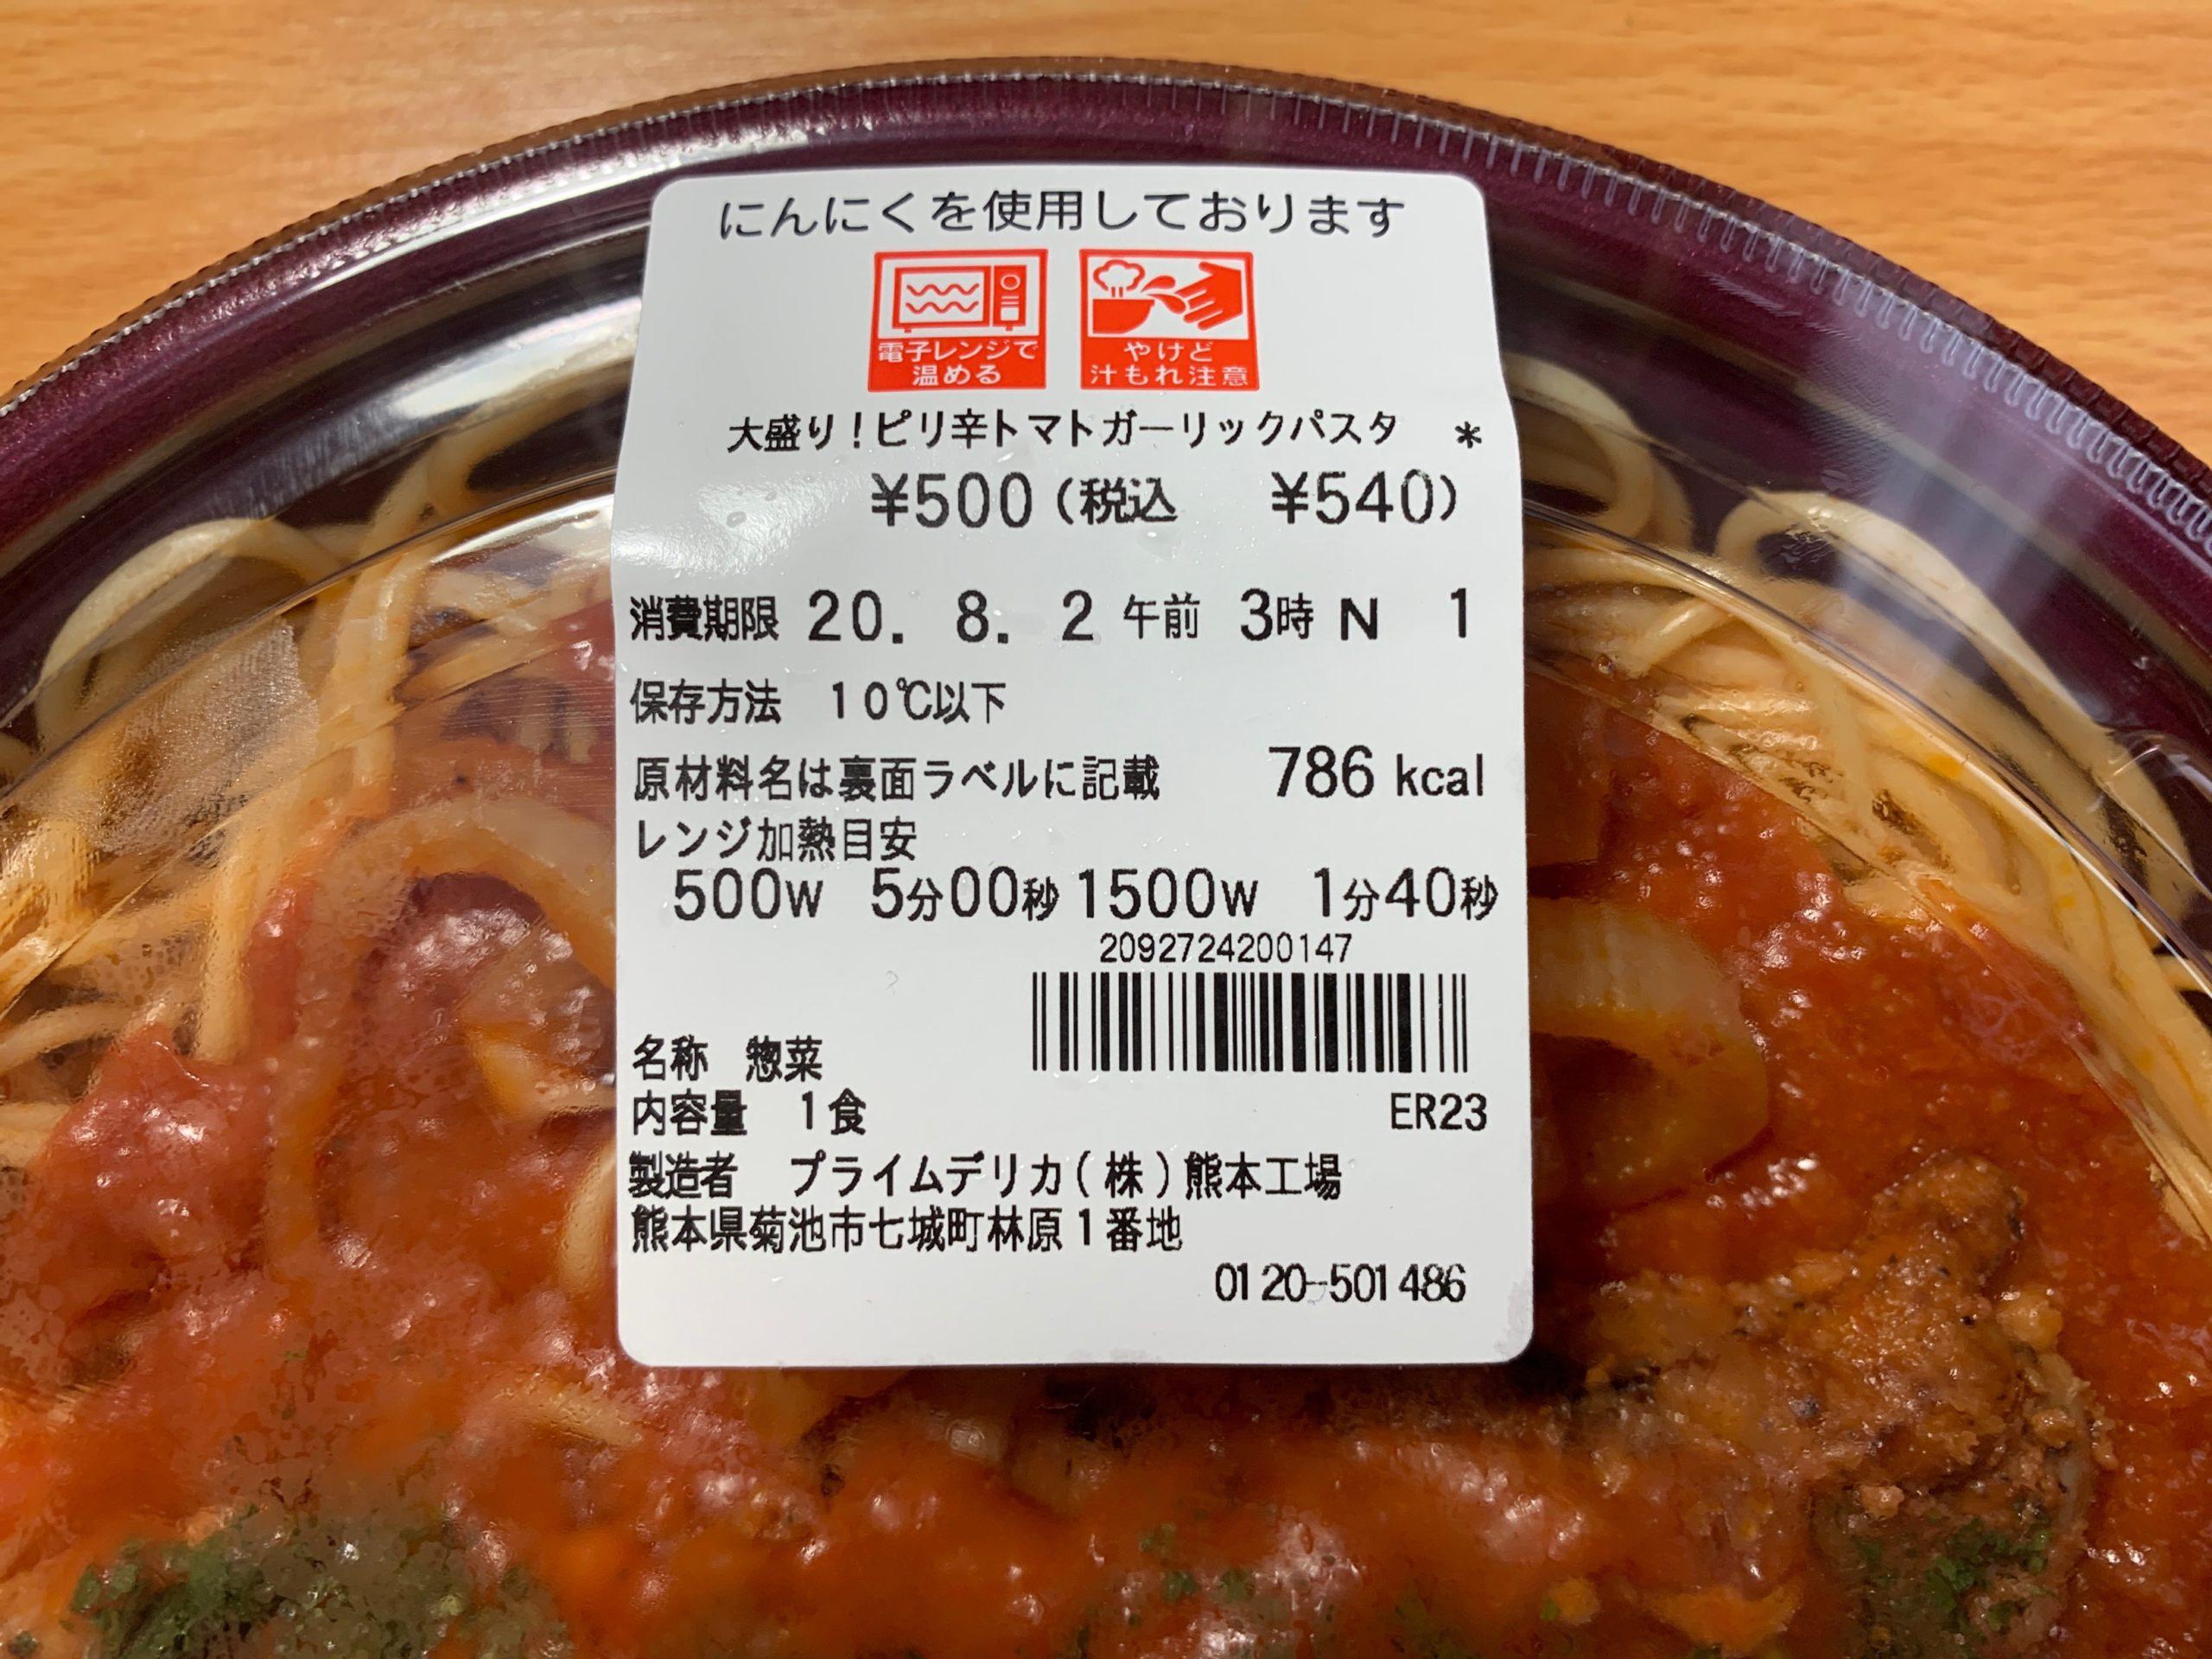 大盛ピリ辛トマトパスタの値段